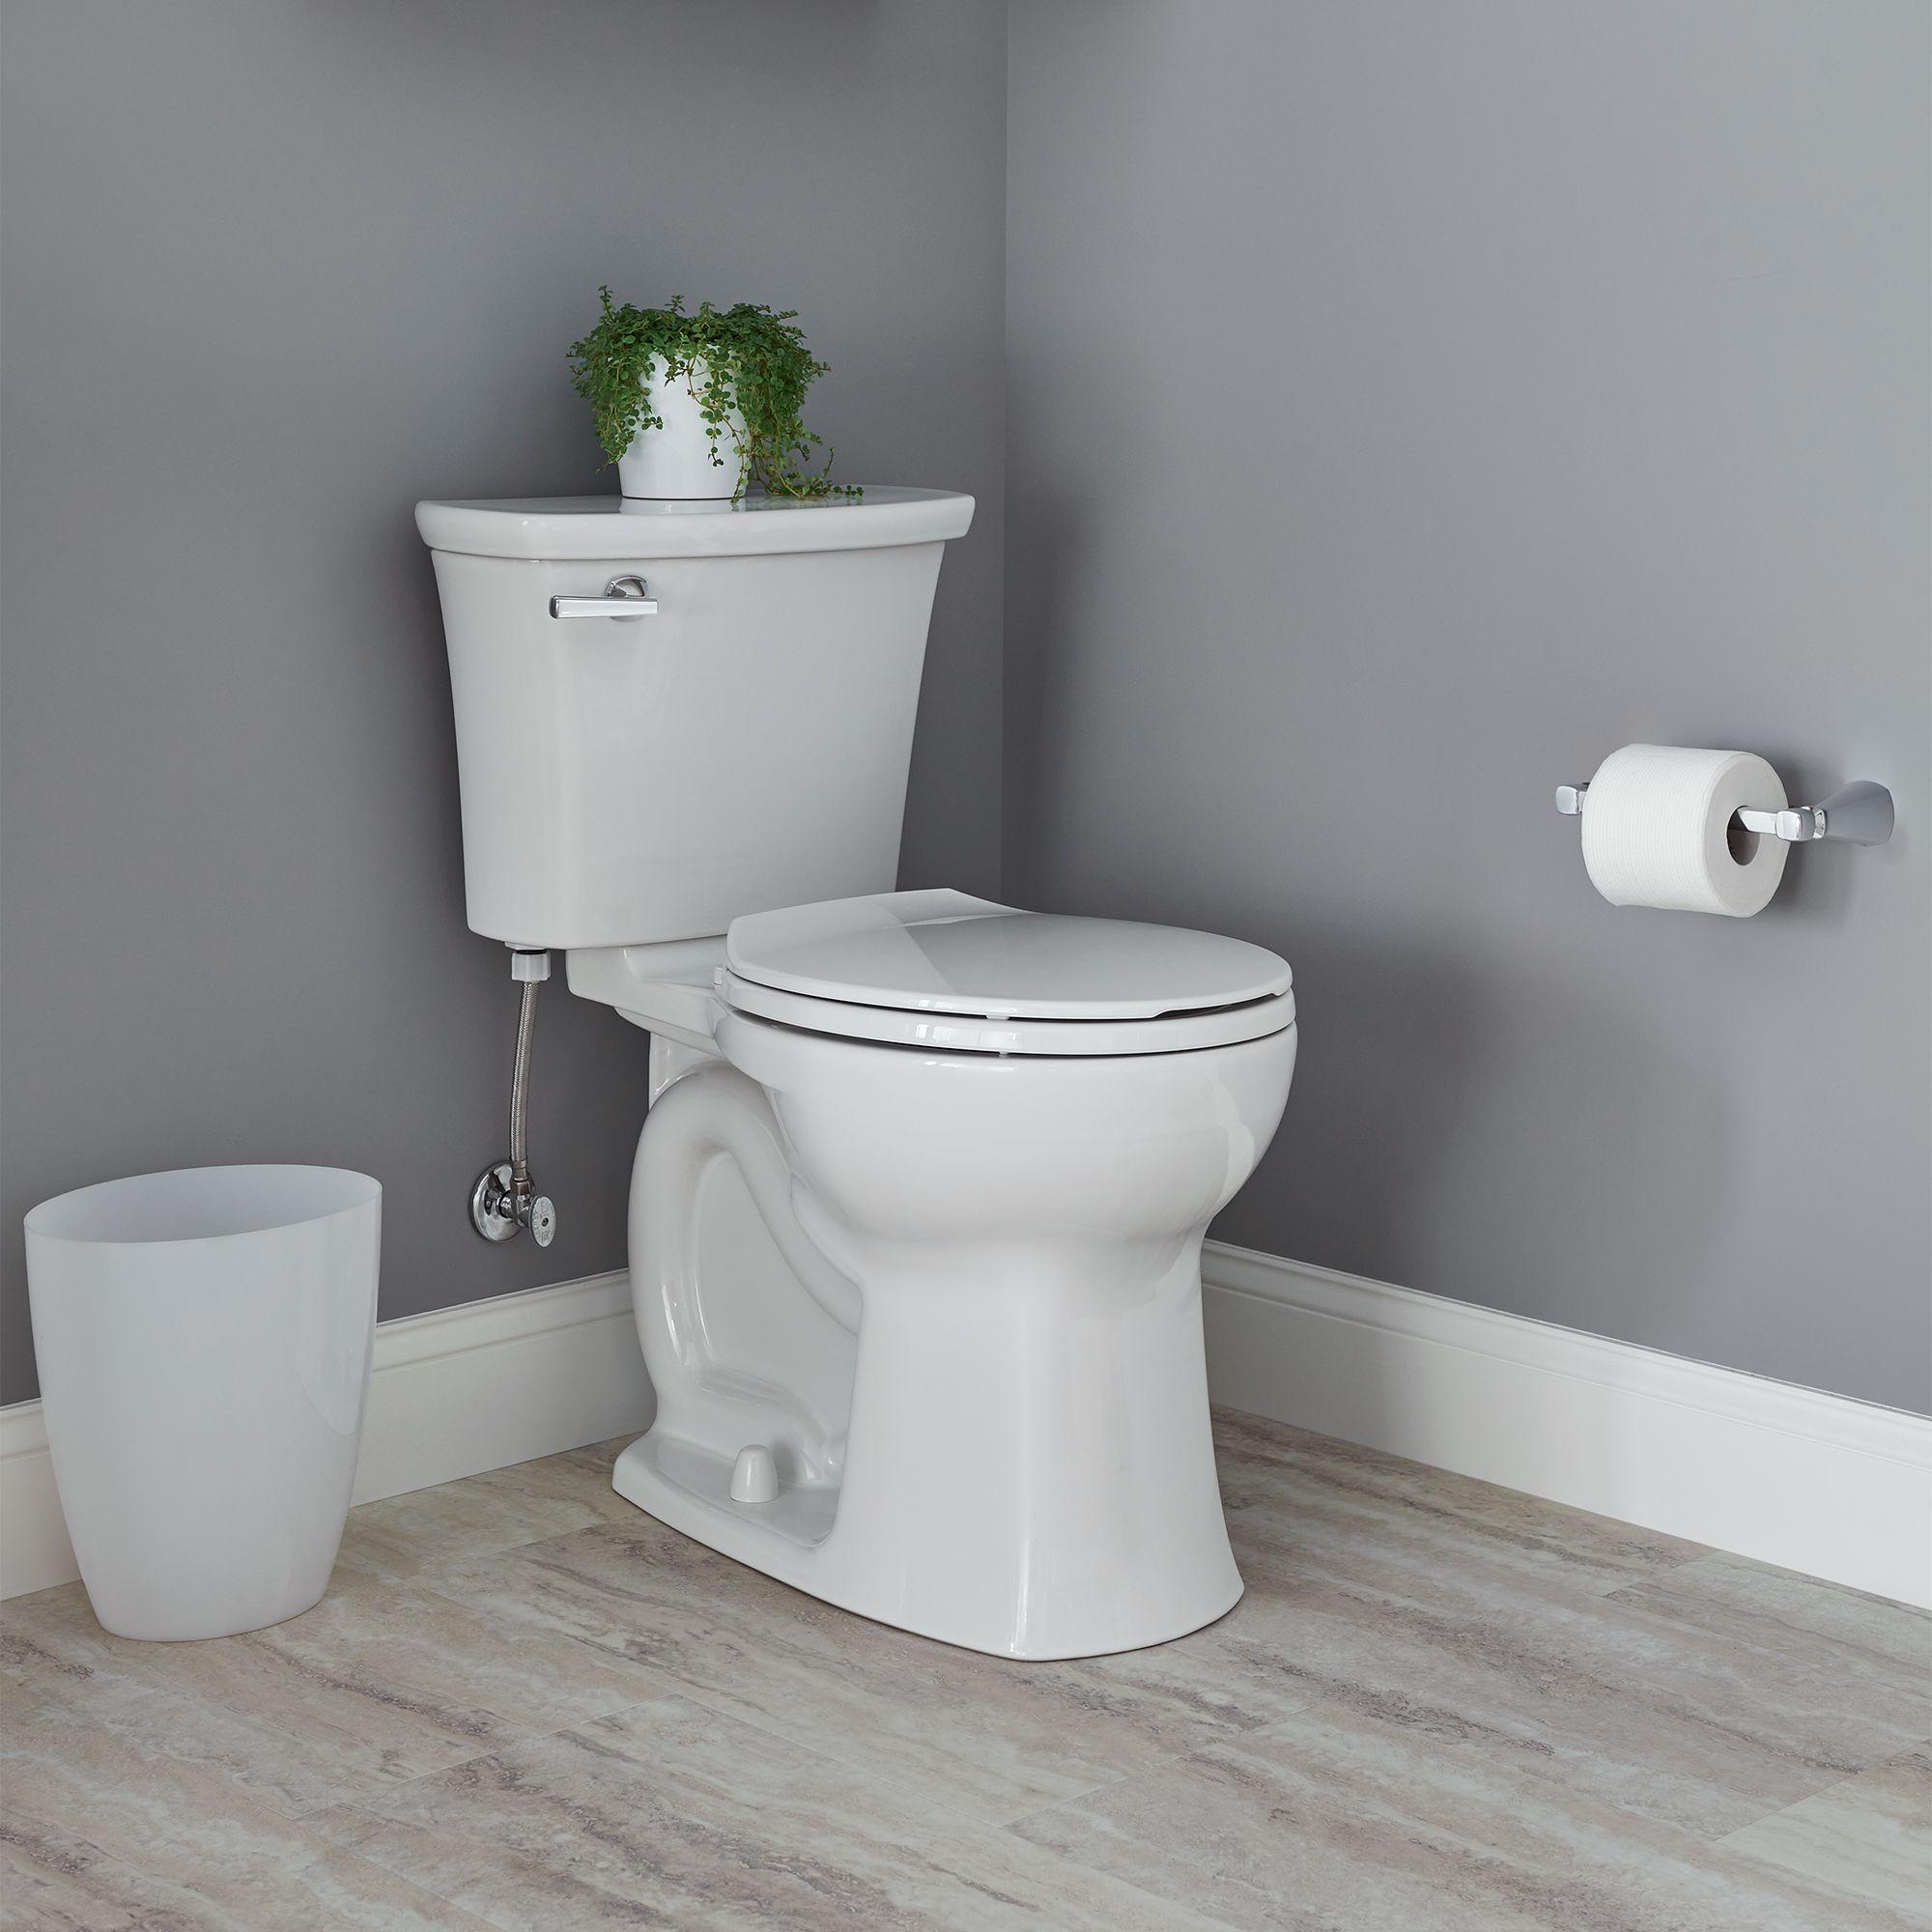 Edgemere Round Front Toilet Master Edgemere Round Chair Chair Height